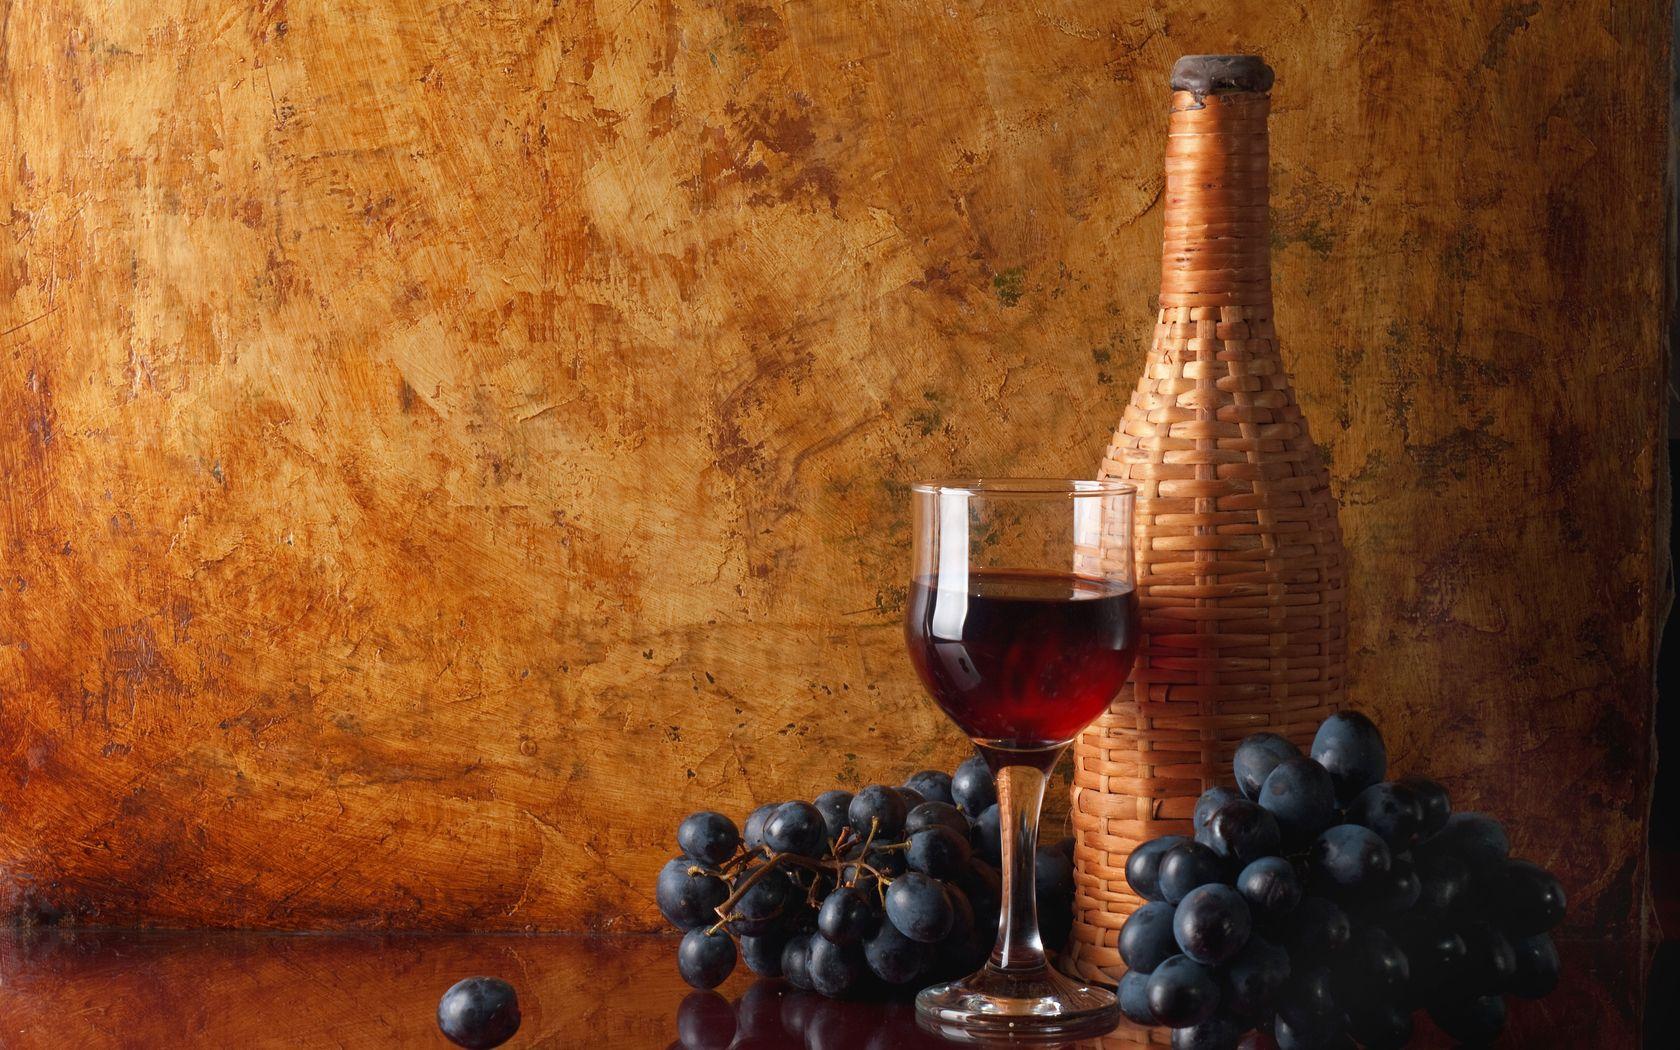 Food Wine Wallpaper Hd hintergründe, Wein, Hintergrund